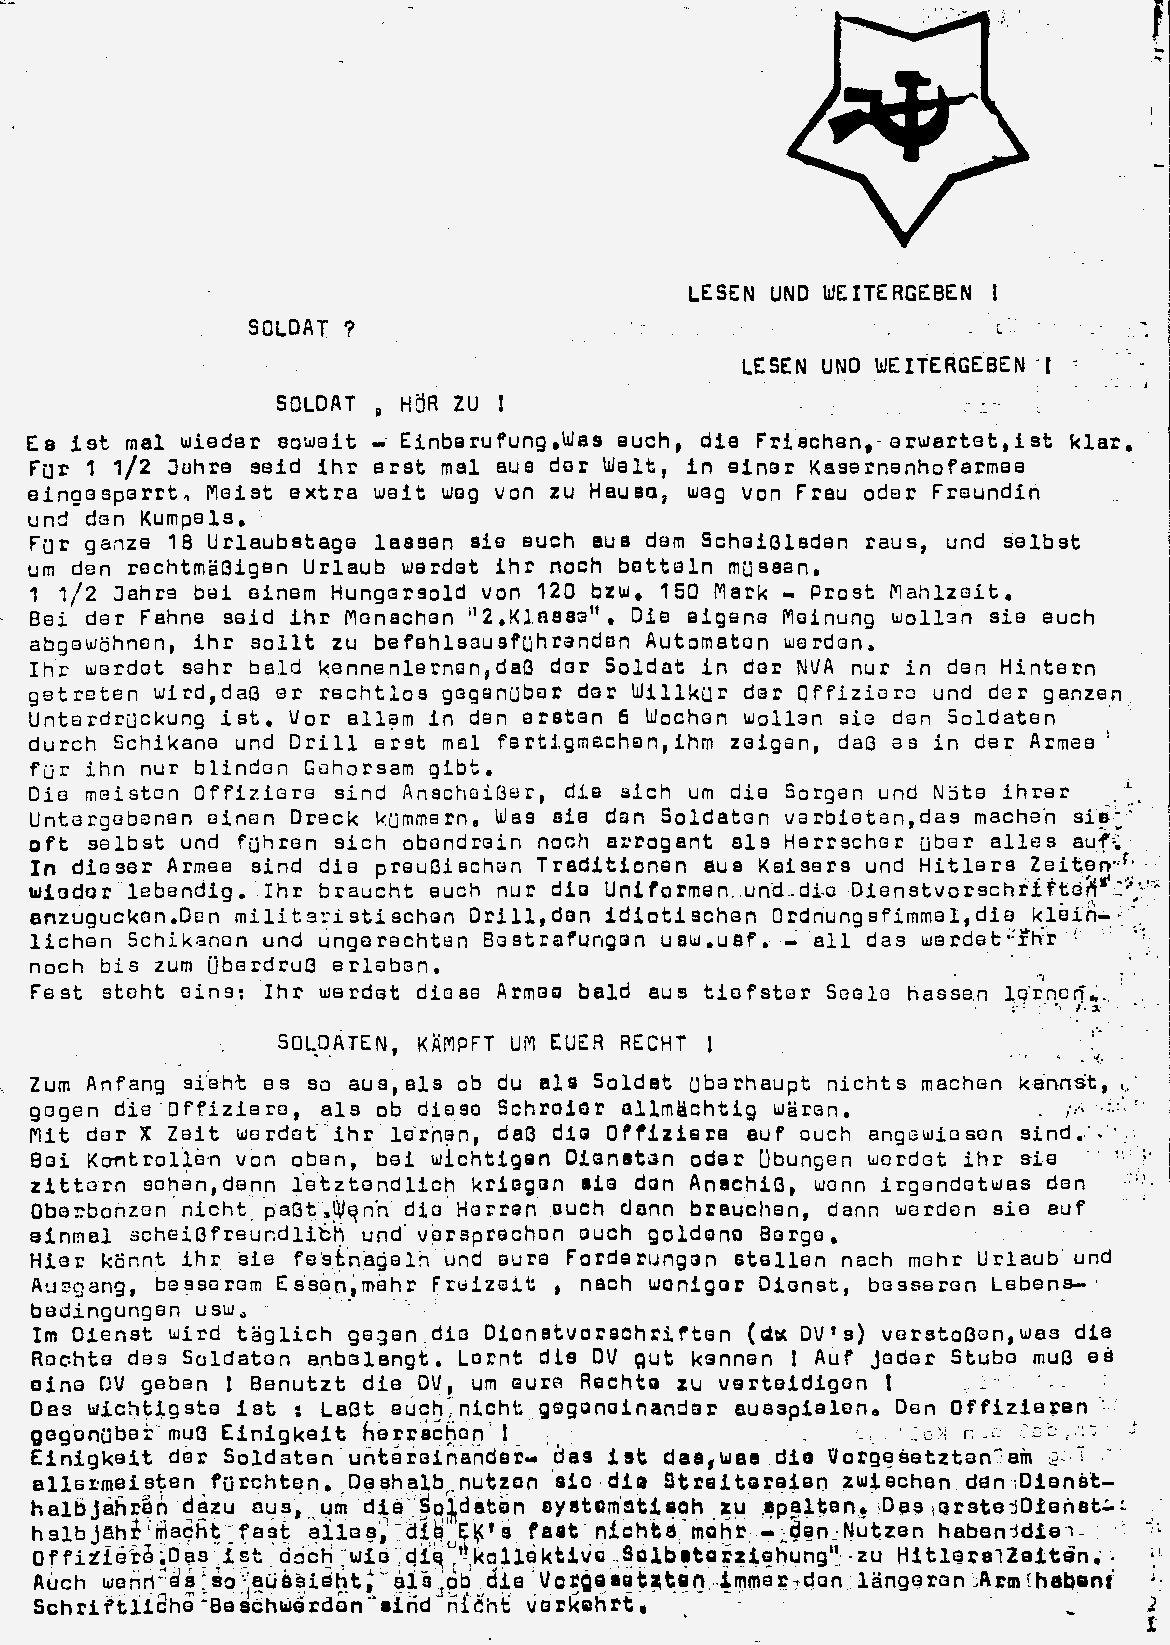 DDR_KPDML_FB_Soldat_hoer_zu_19780000_01